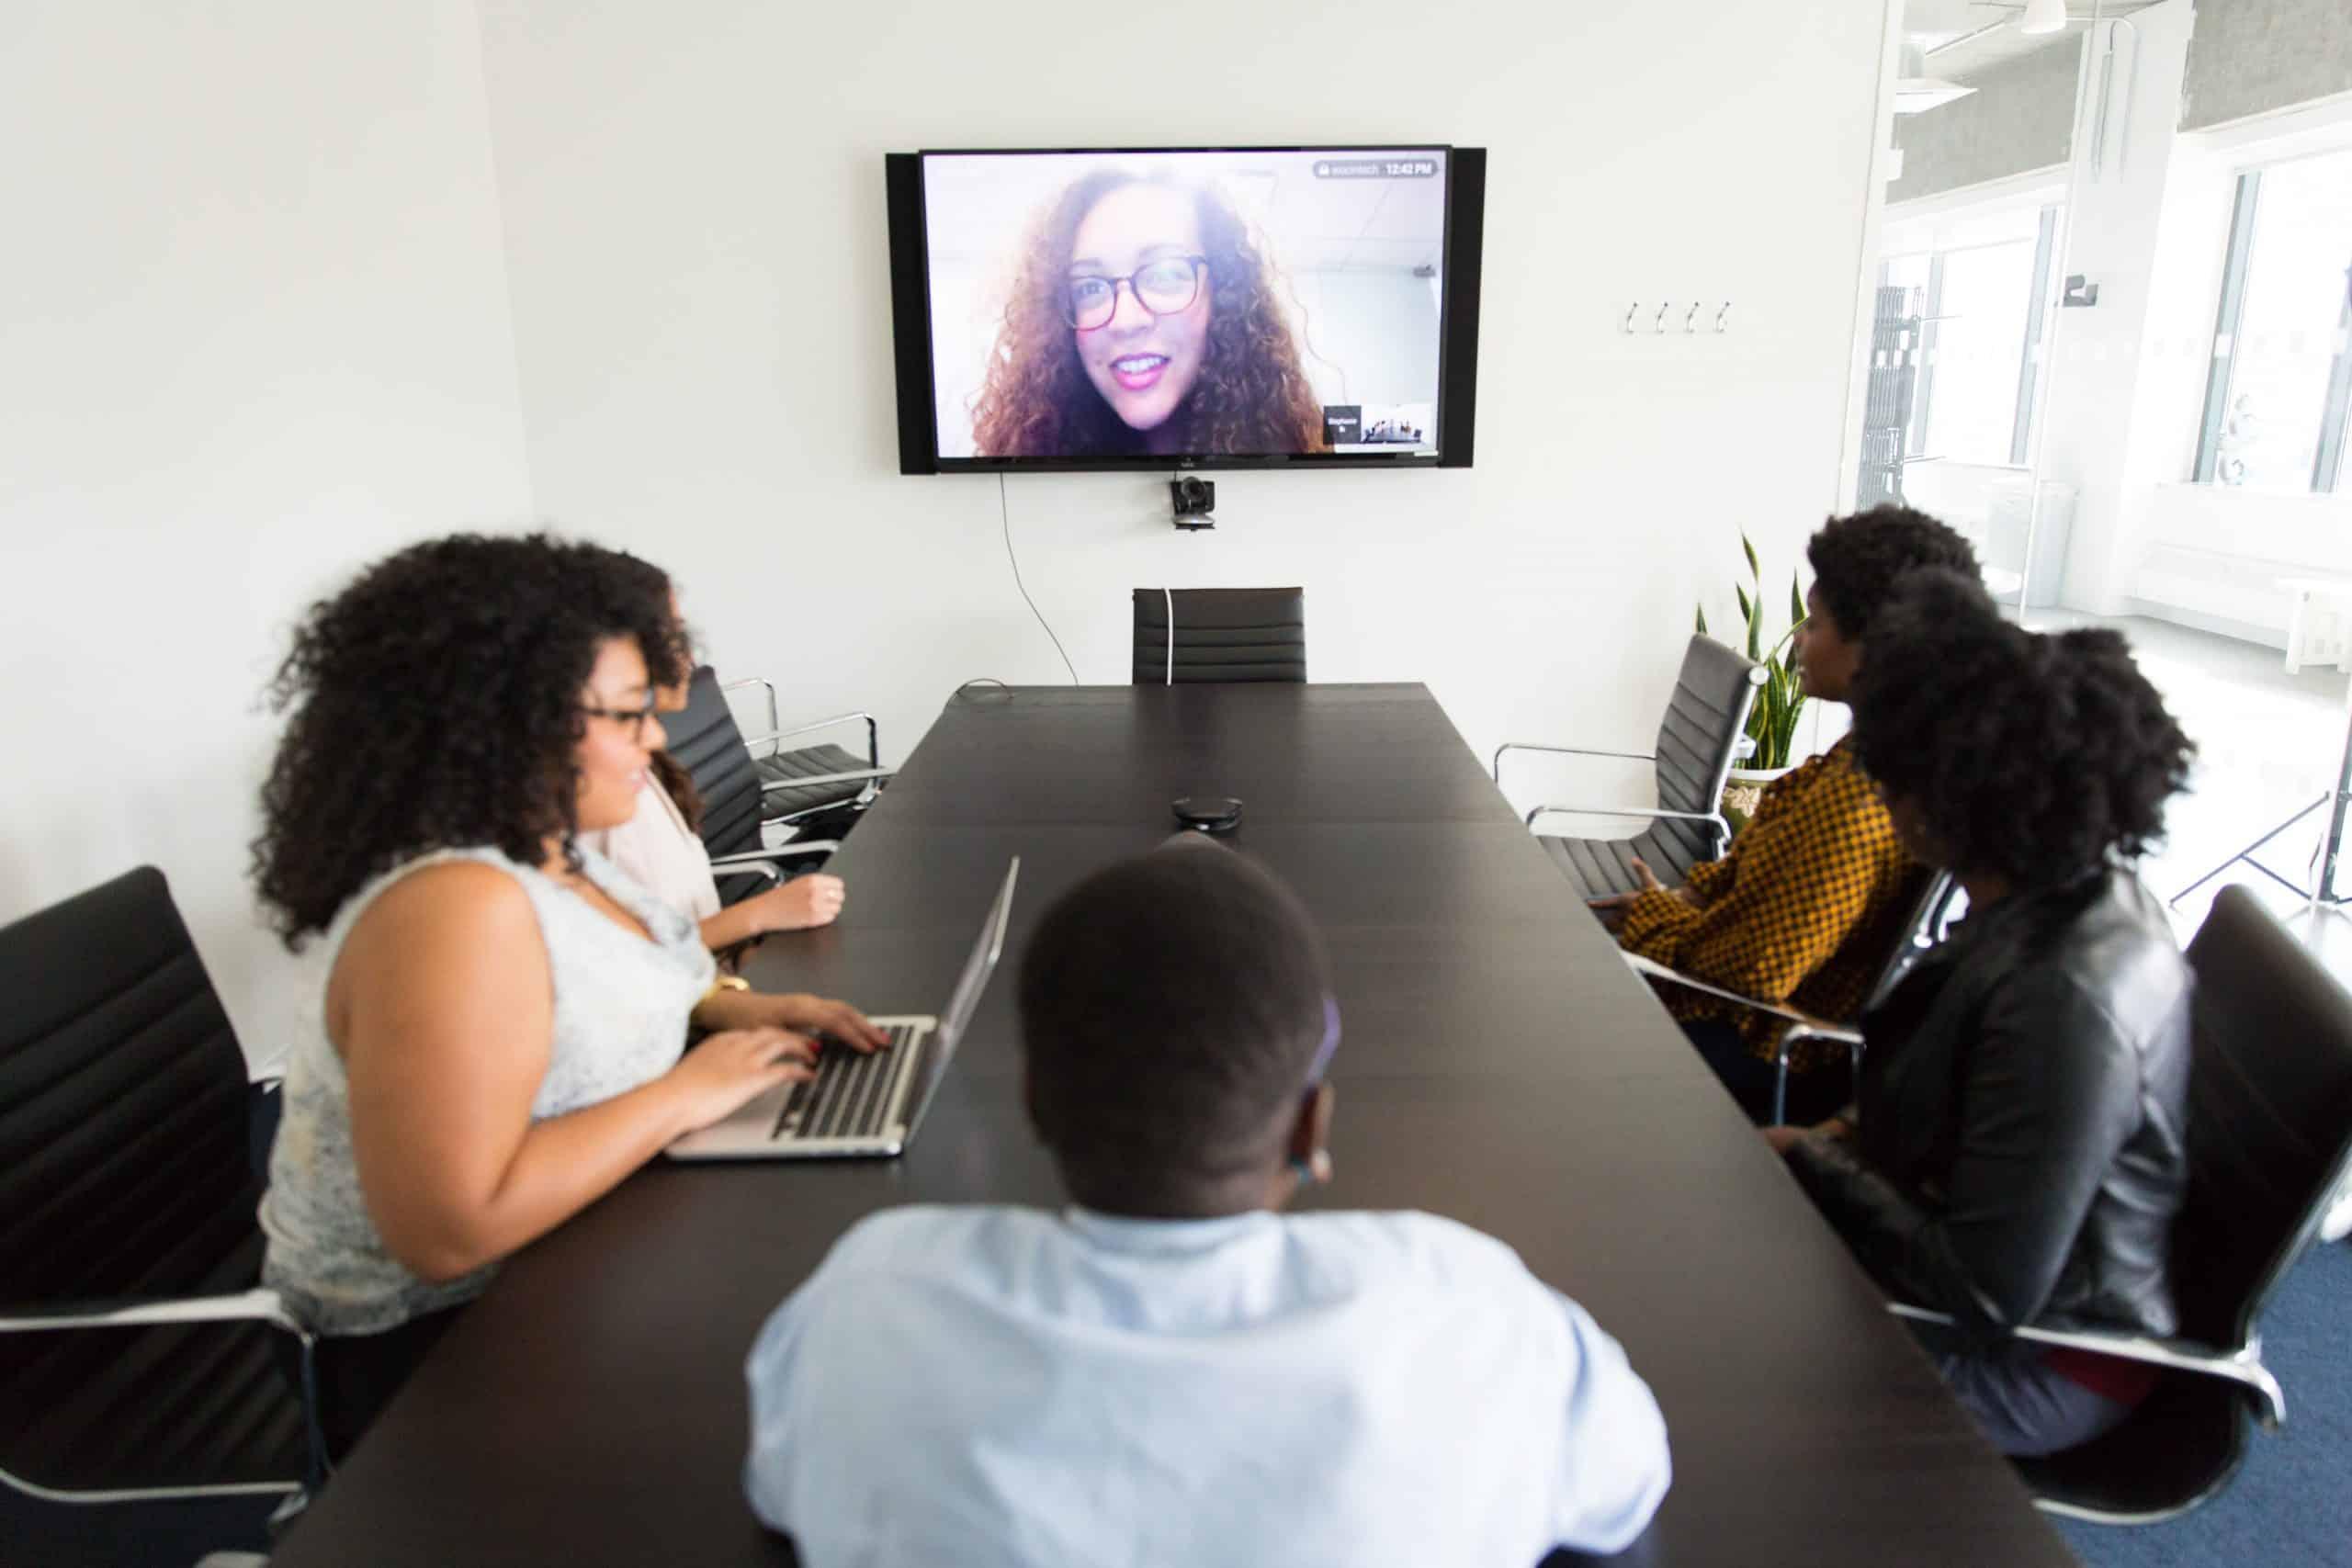 Comment bien préparer votre réunion en visio-conférence ?